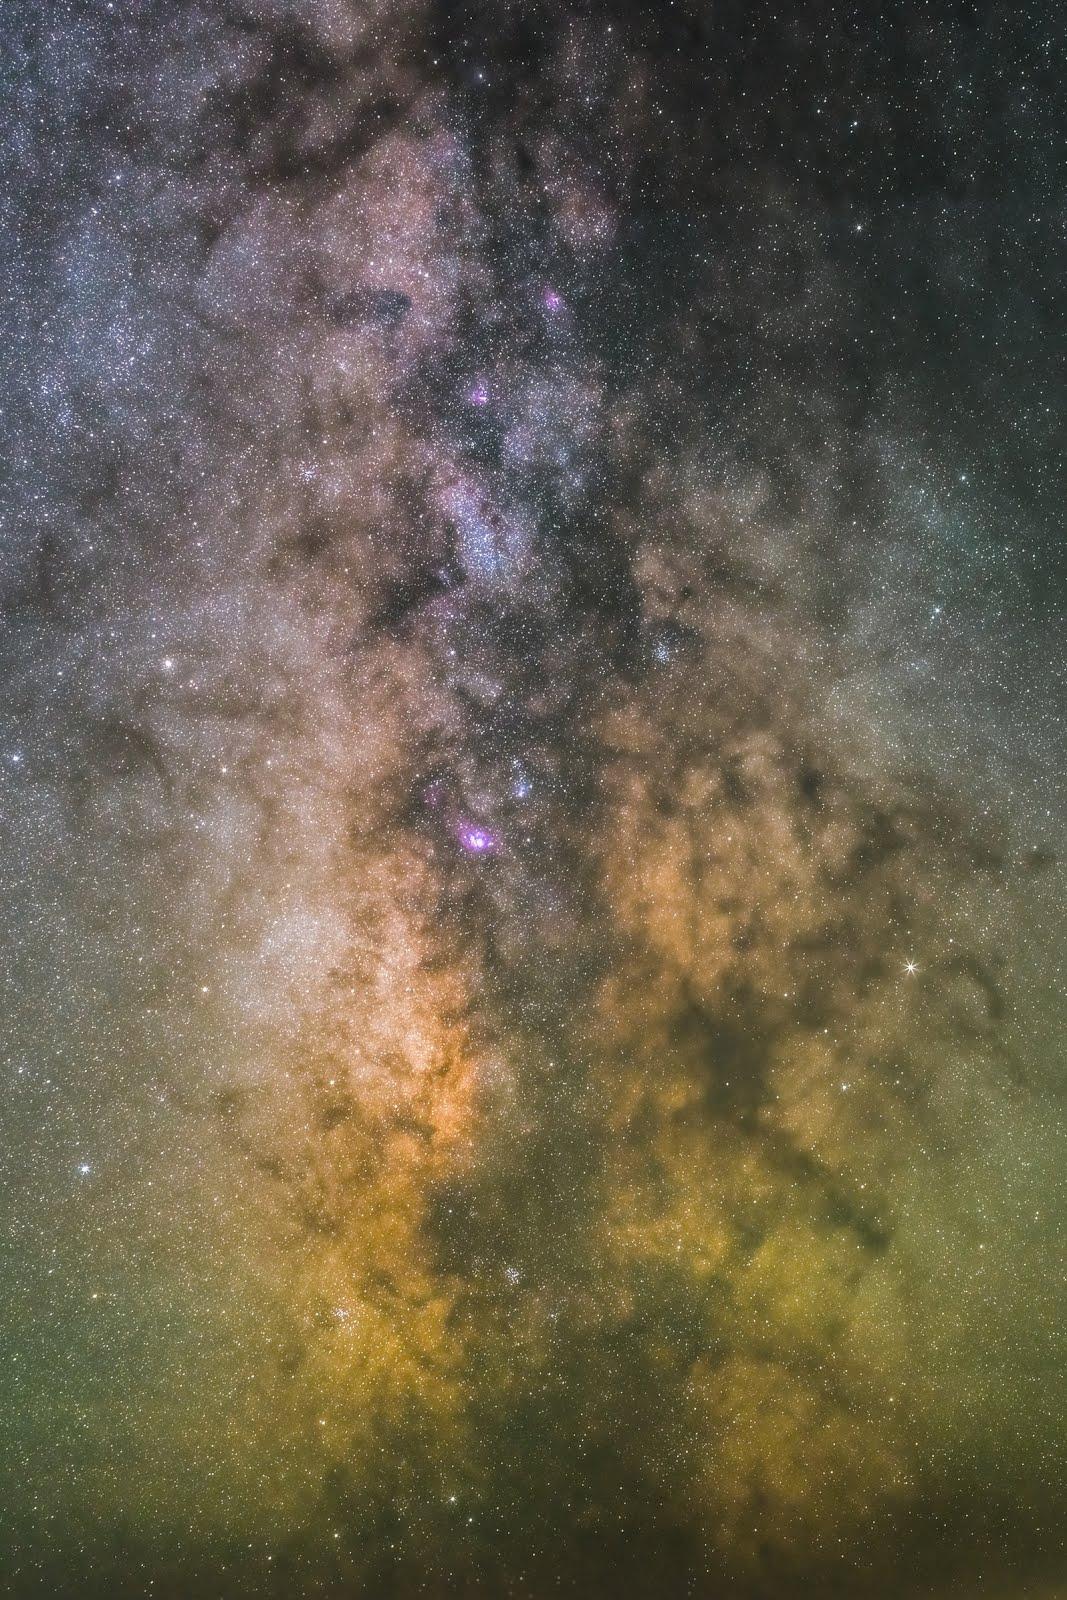 خلفية الوان النجوم - خلفيات فضاء ايفون